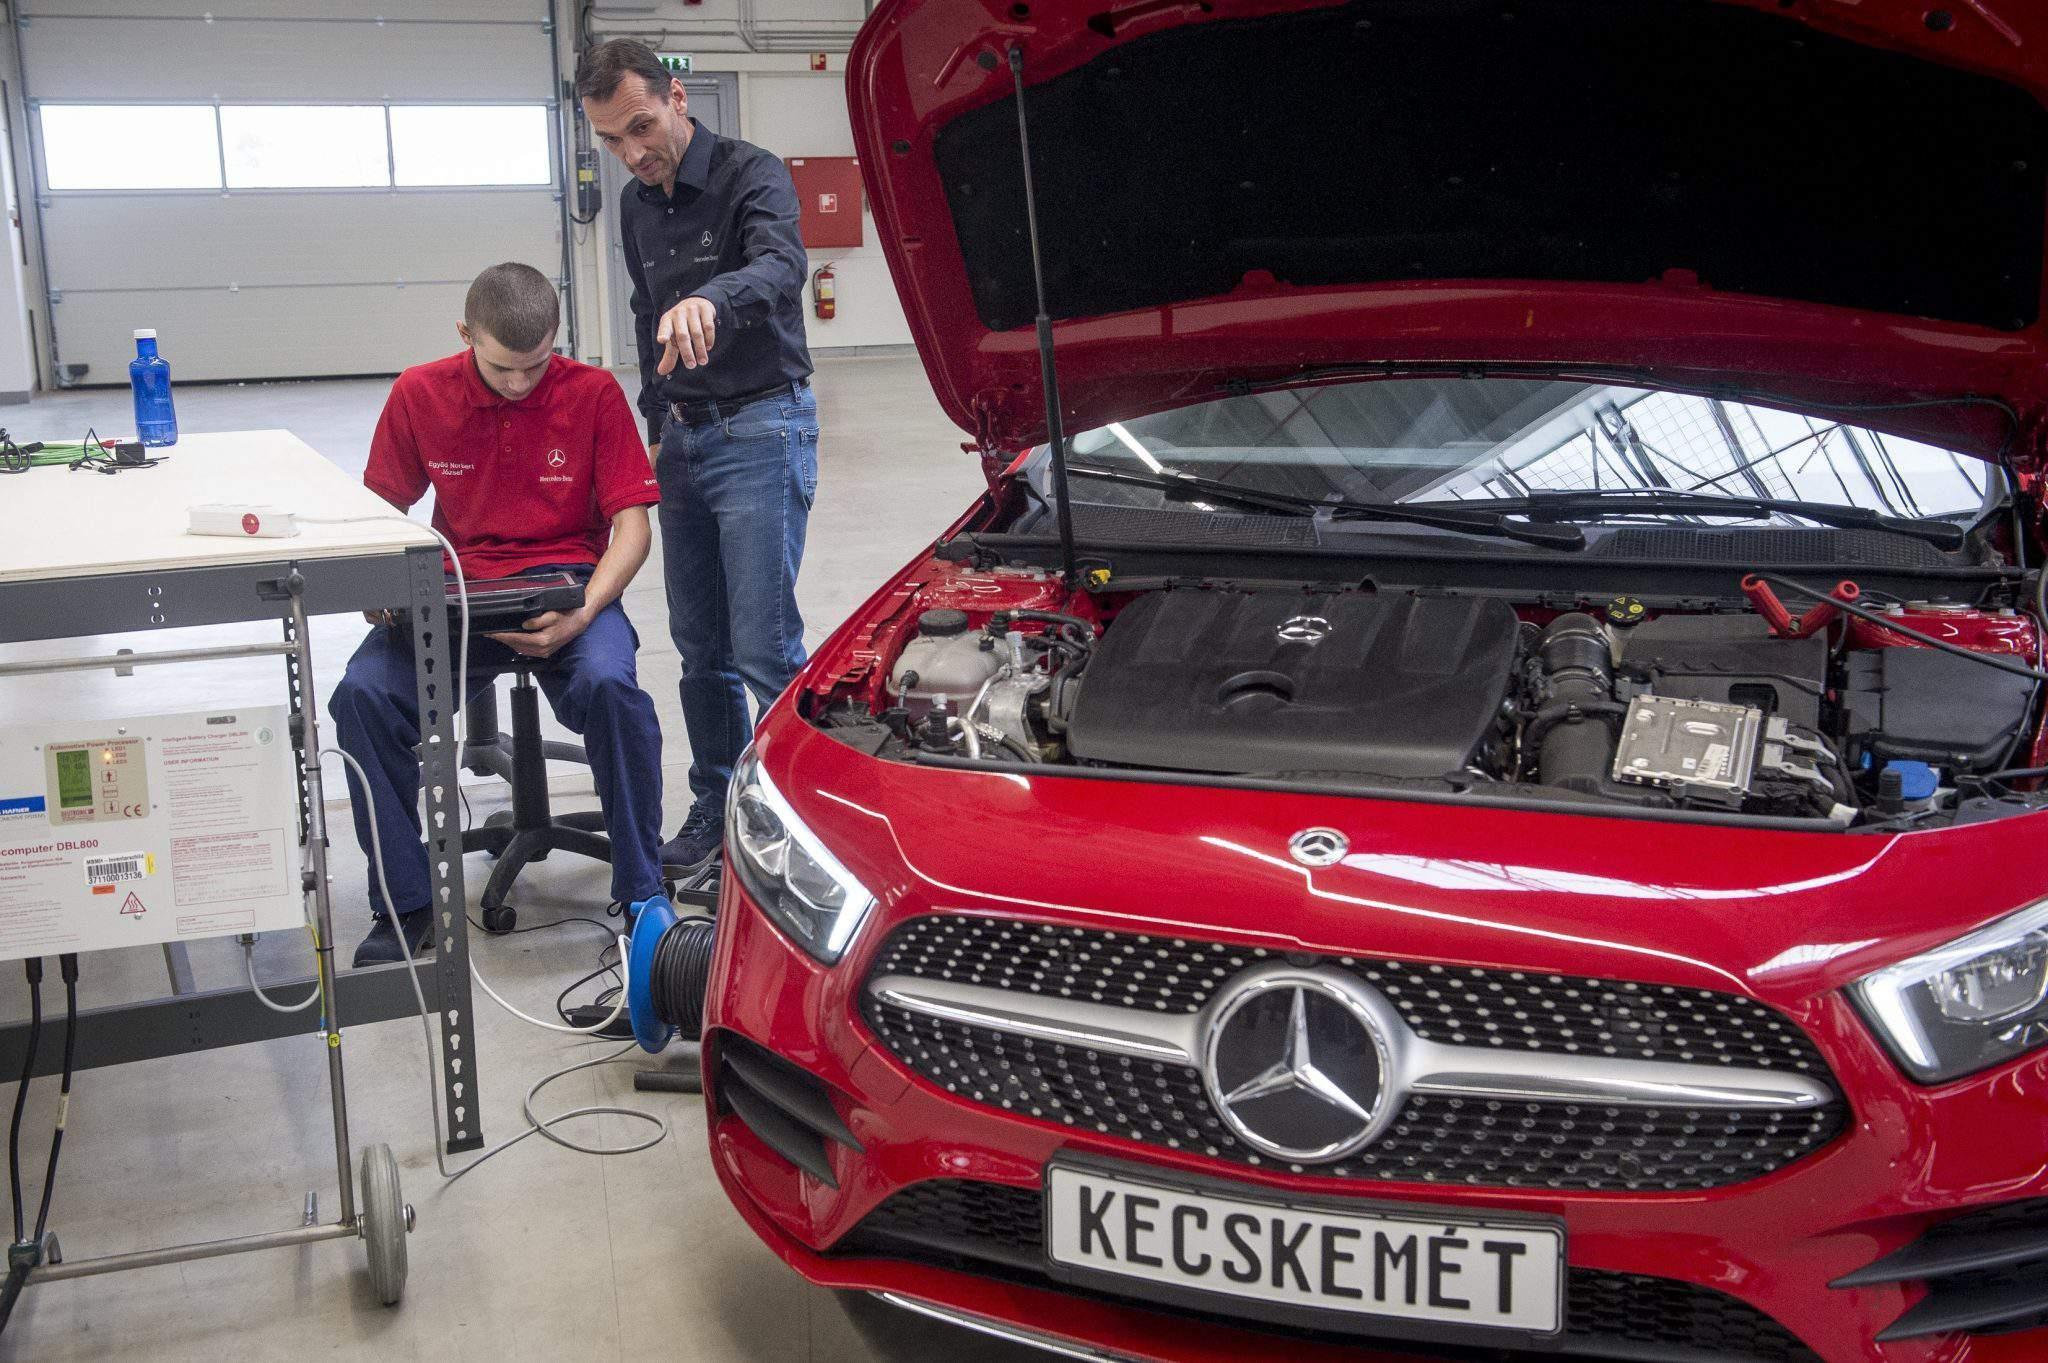 Mercedes Kecskemét factory